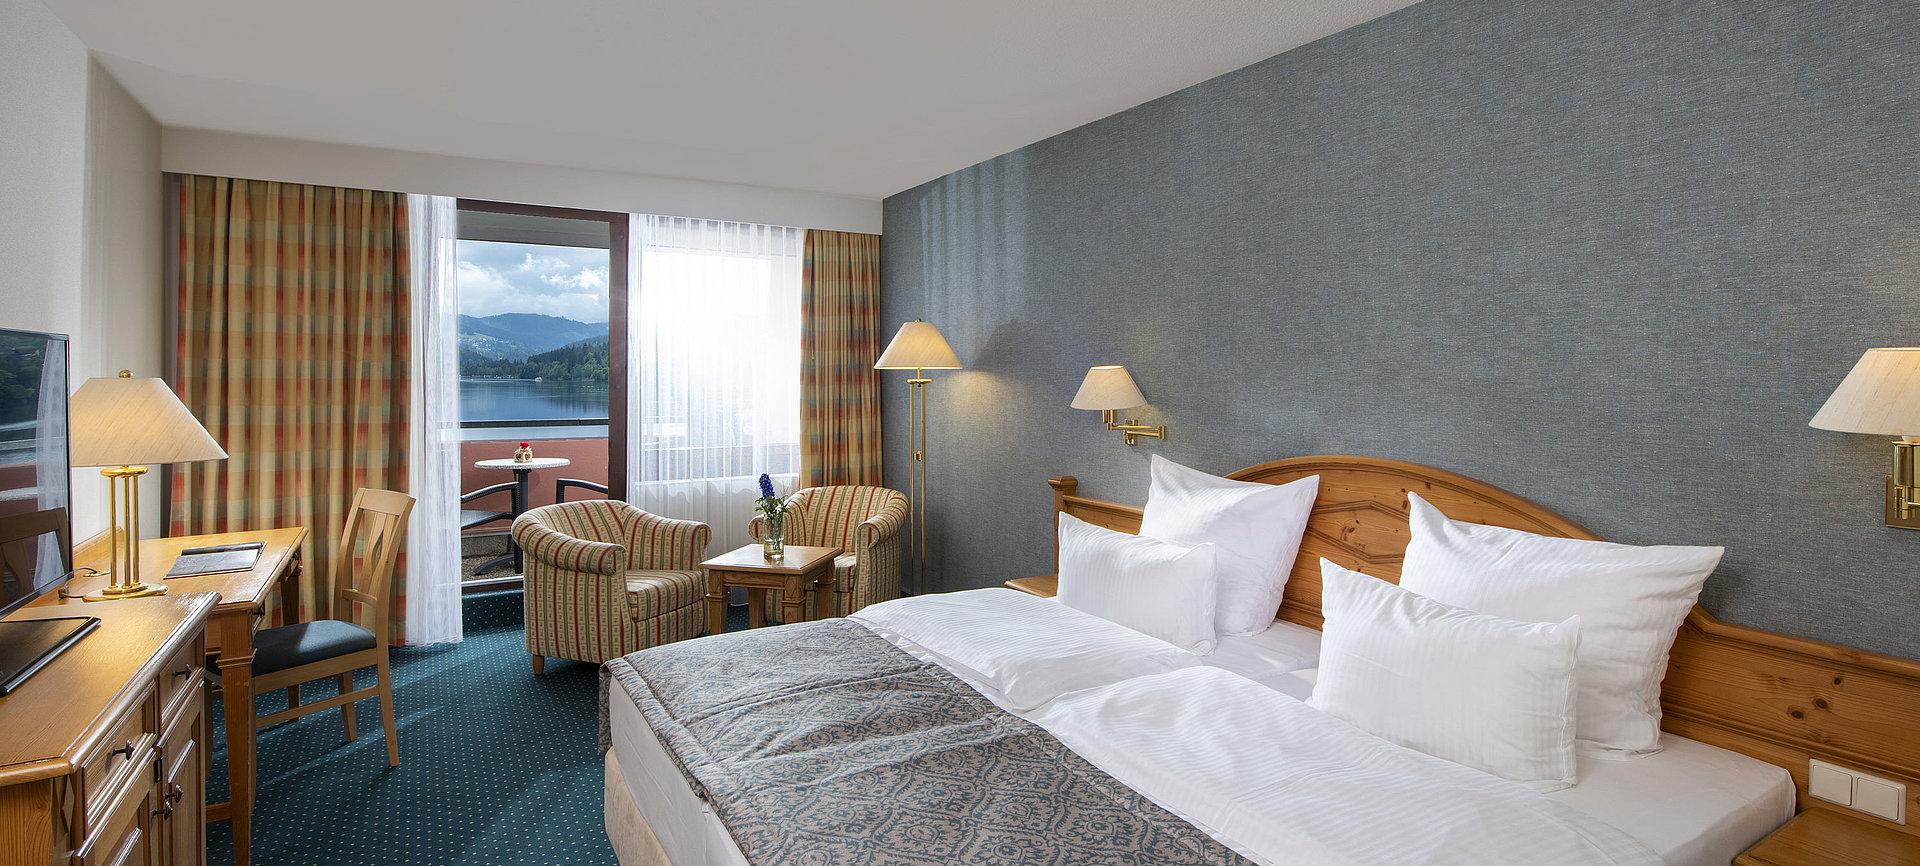 Hotel Titisee Maritim Titiseehotel Titisee Neustadt